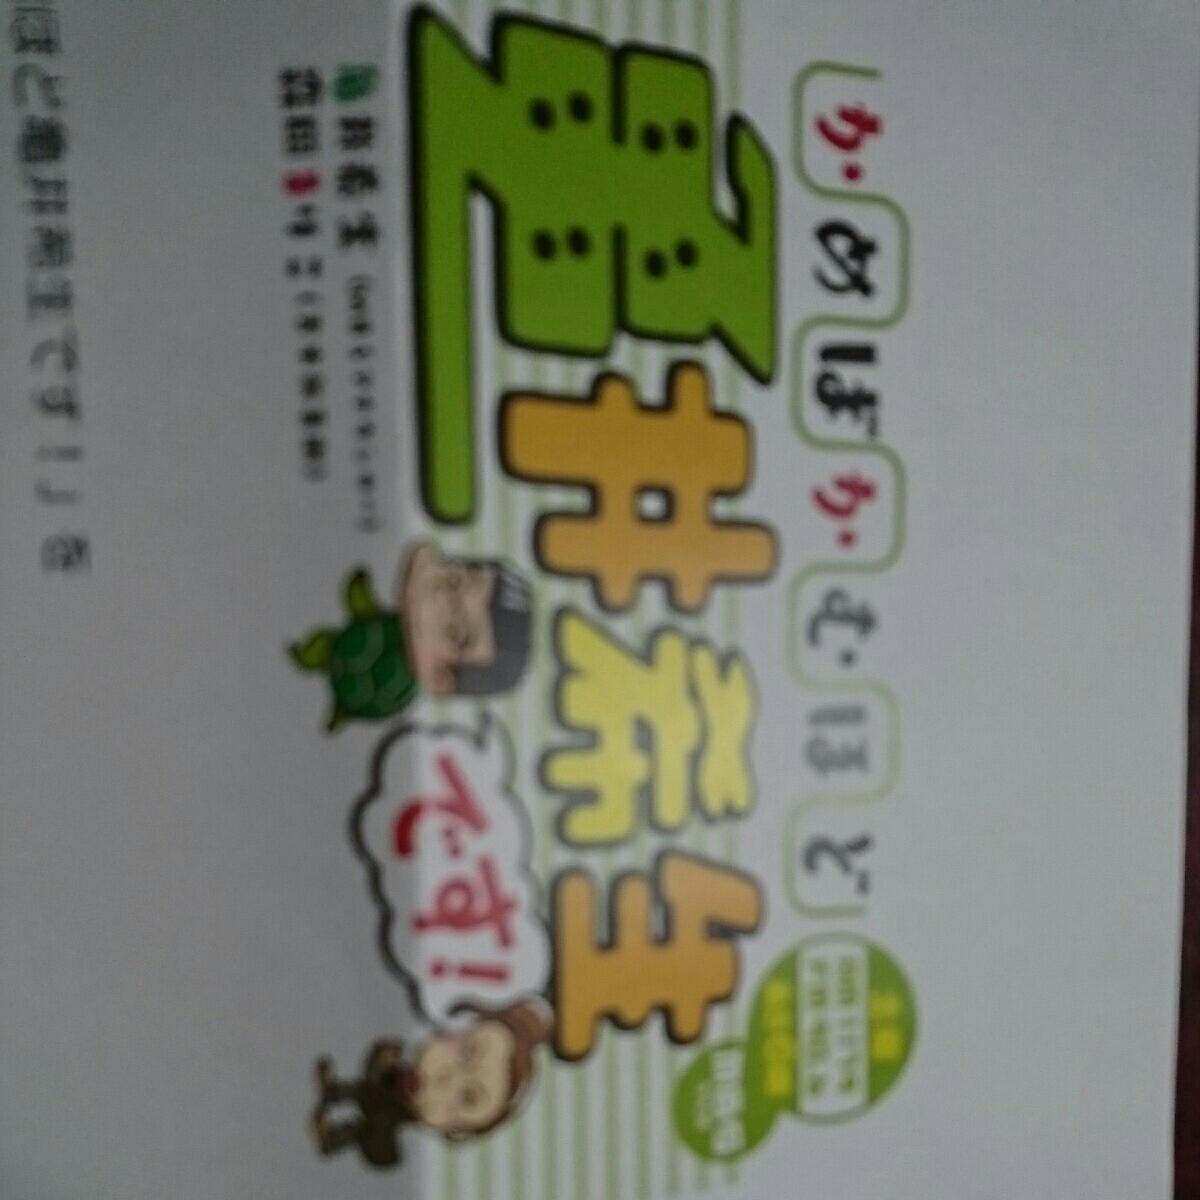 MBSラジオ かめばかむほど亀井希生です! 亀井アナウンサーと吉本新喜劇の森田まりこの直筆サインのポストカード